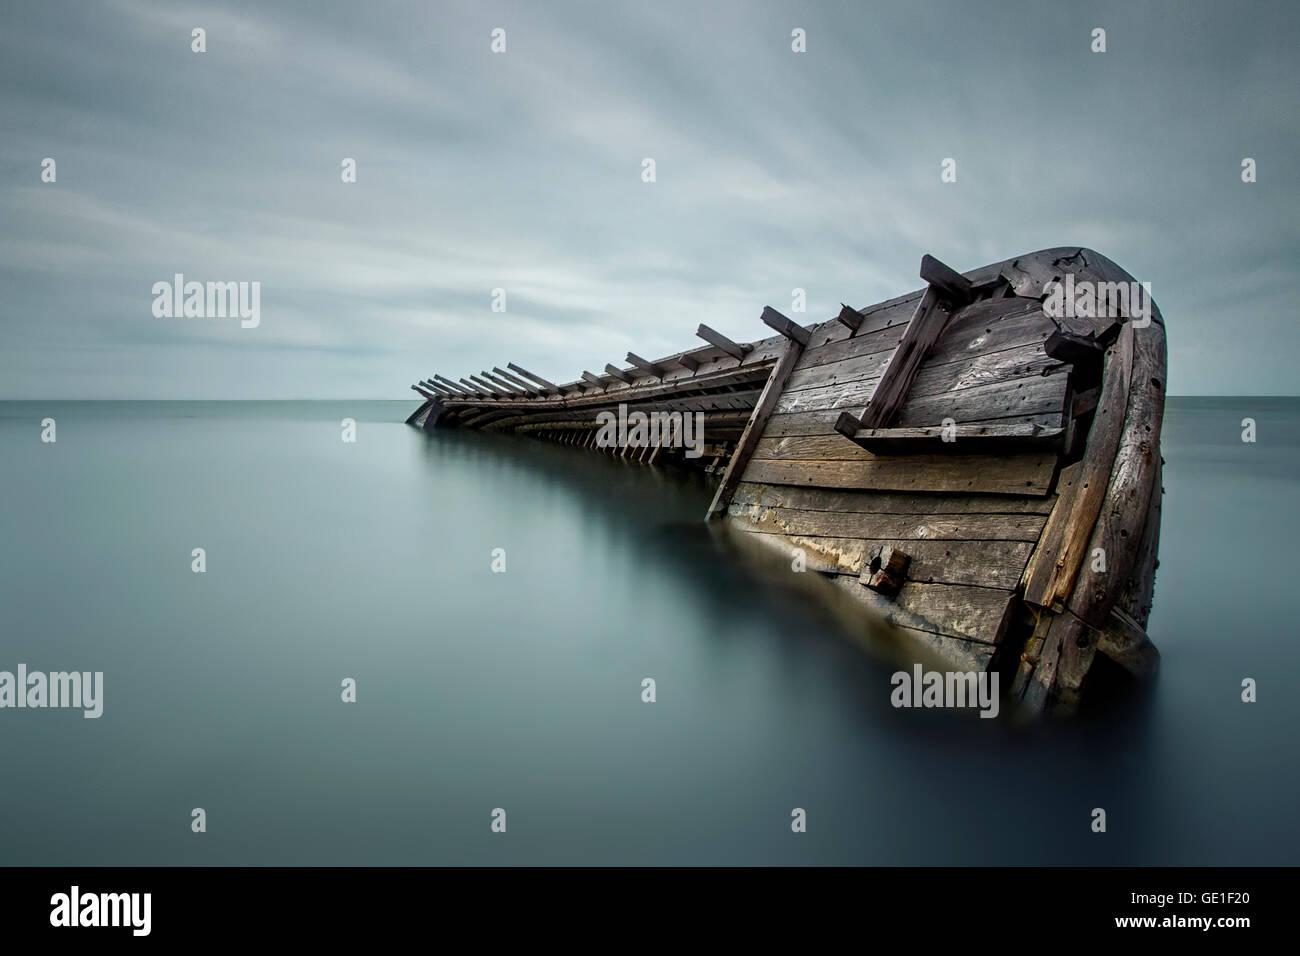 Barco Naufragado en el mar Imagen De Stock